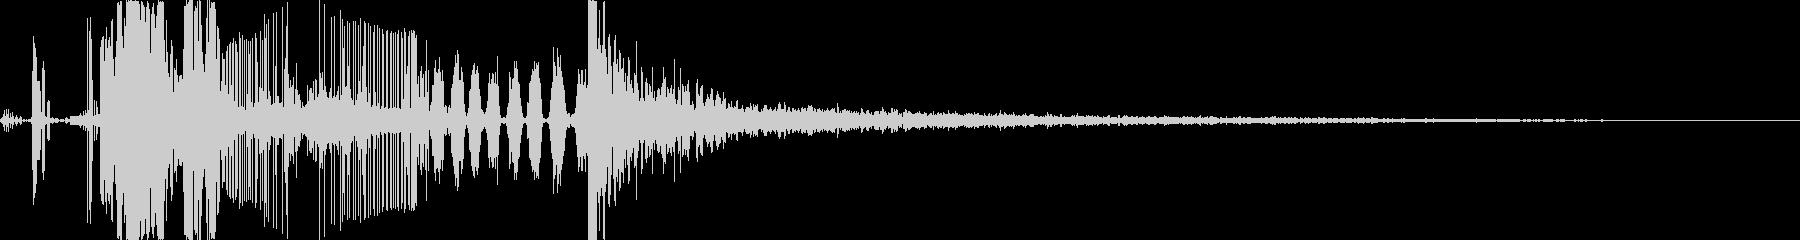 映画、ゲームなどのタイトルロゴ 01の未再生の波形